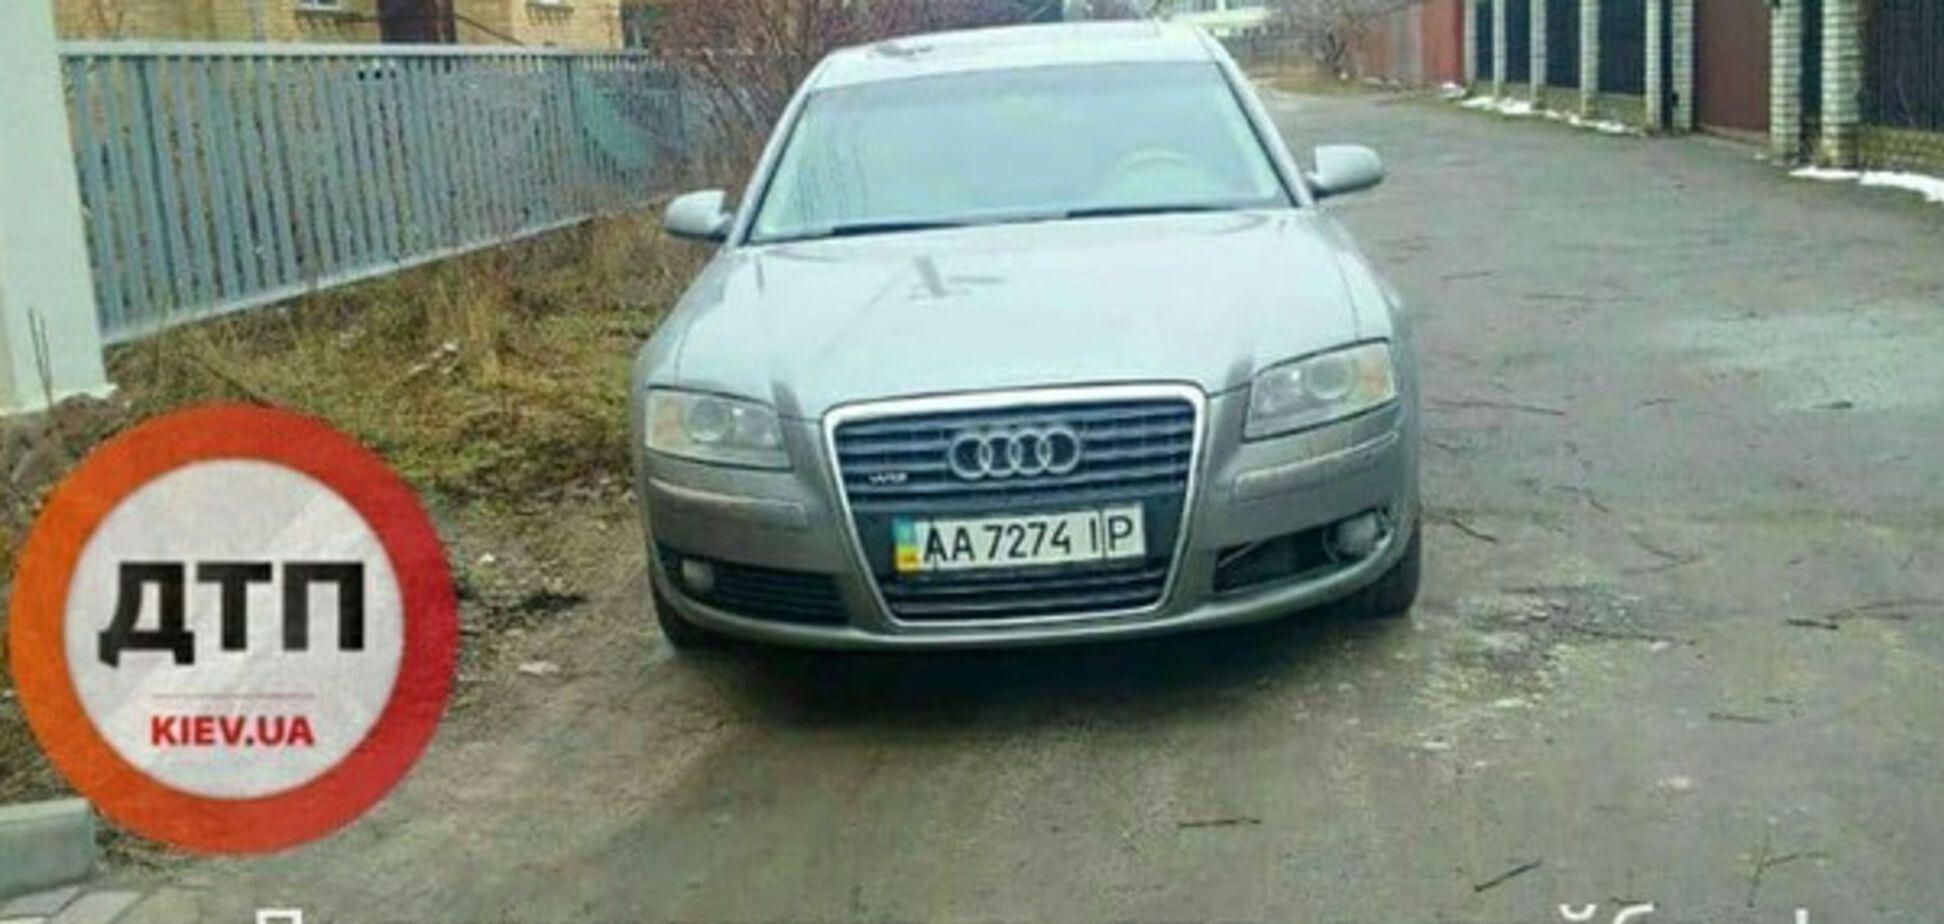 Дерзкий автоугон в Киеве: в сети показали фото преступника